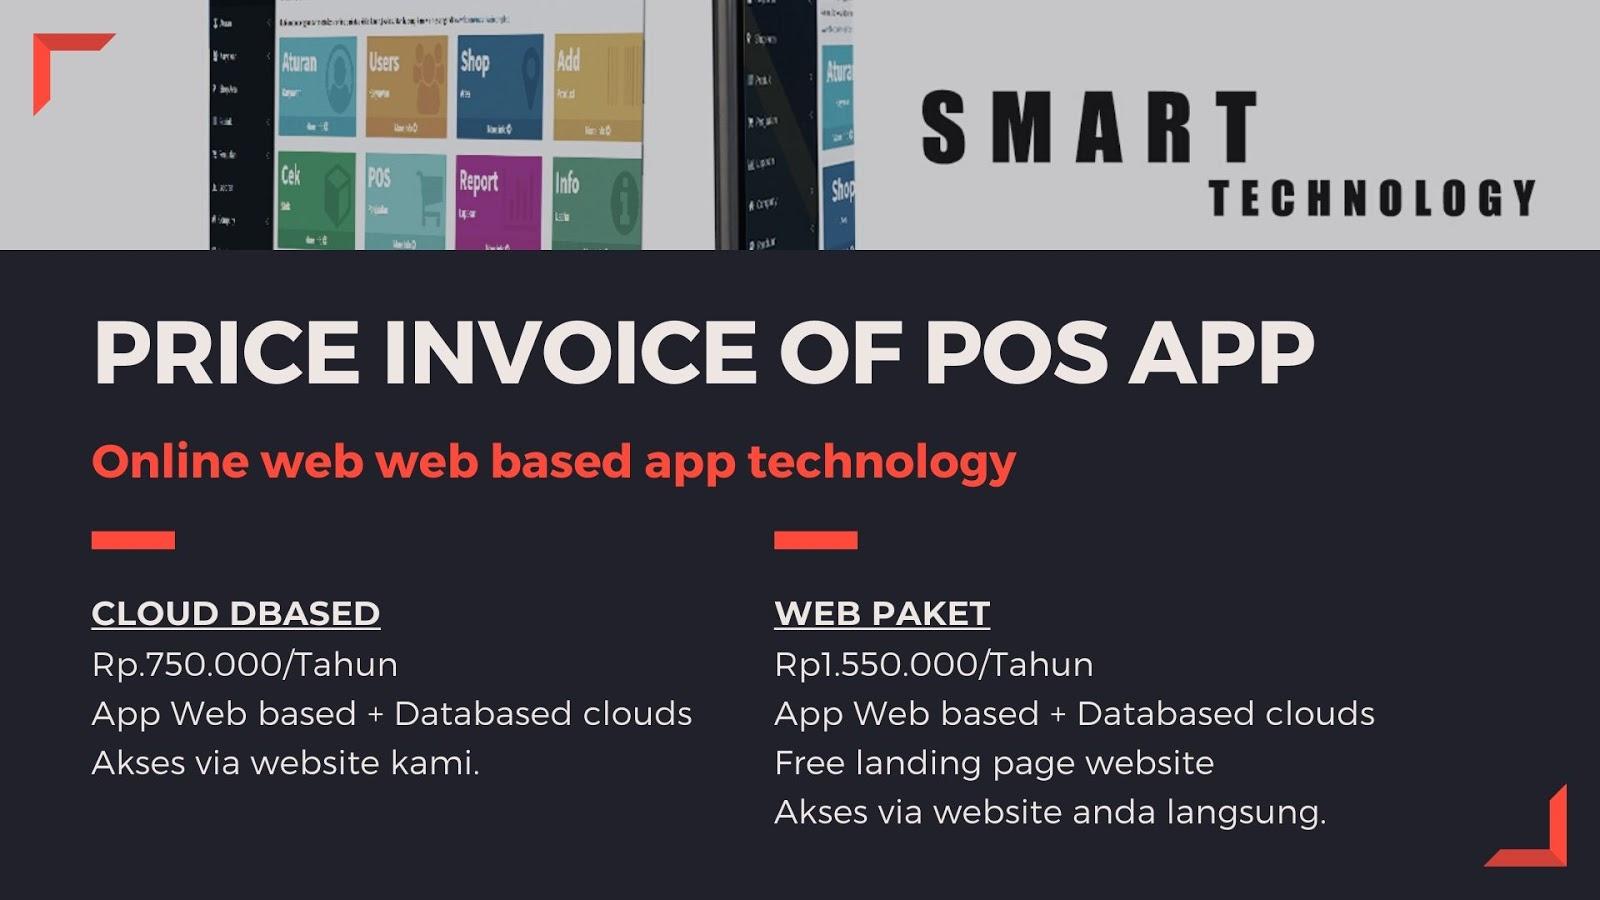 aplikasi kasir online,aplikasi invoice online,mesin kasir online